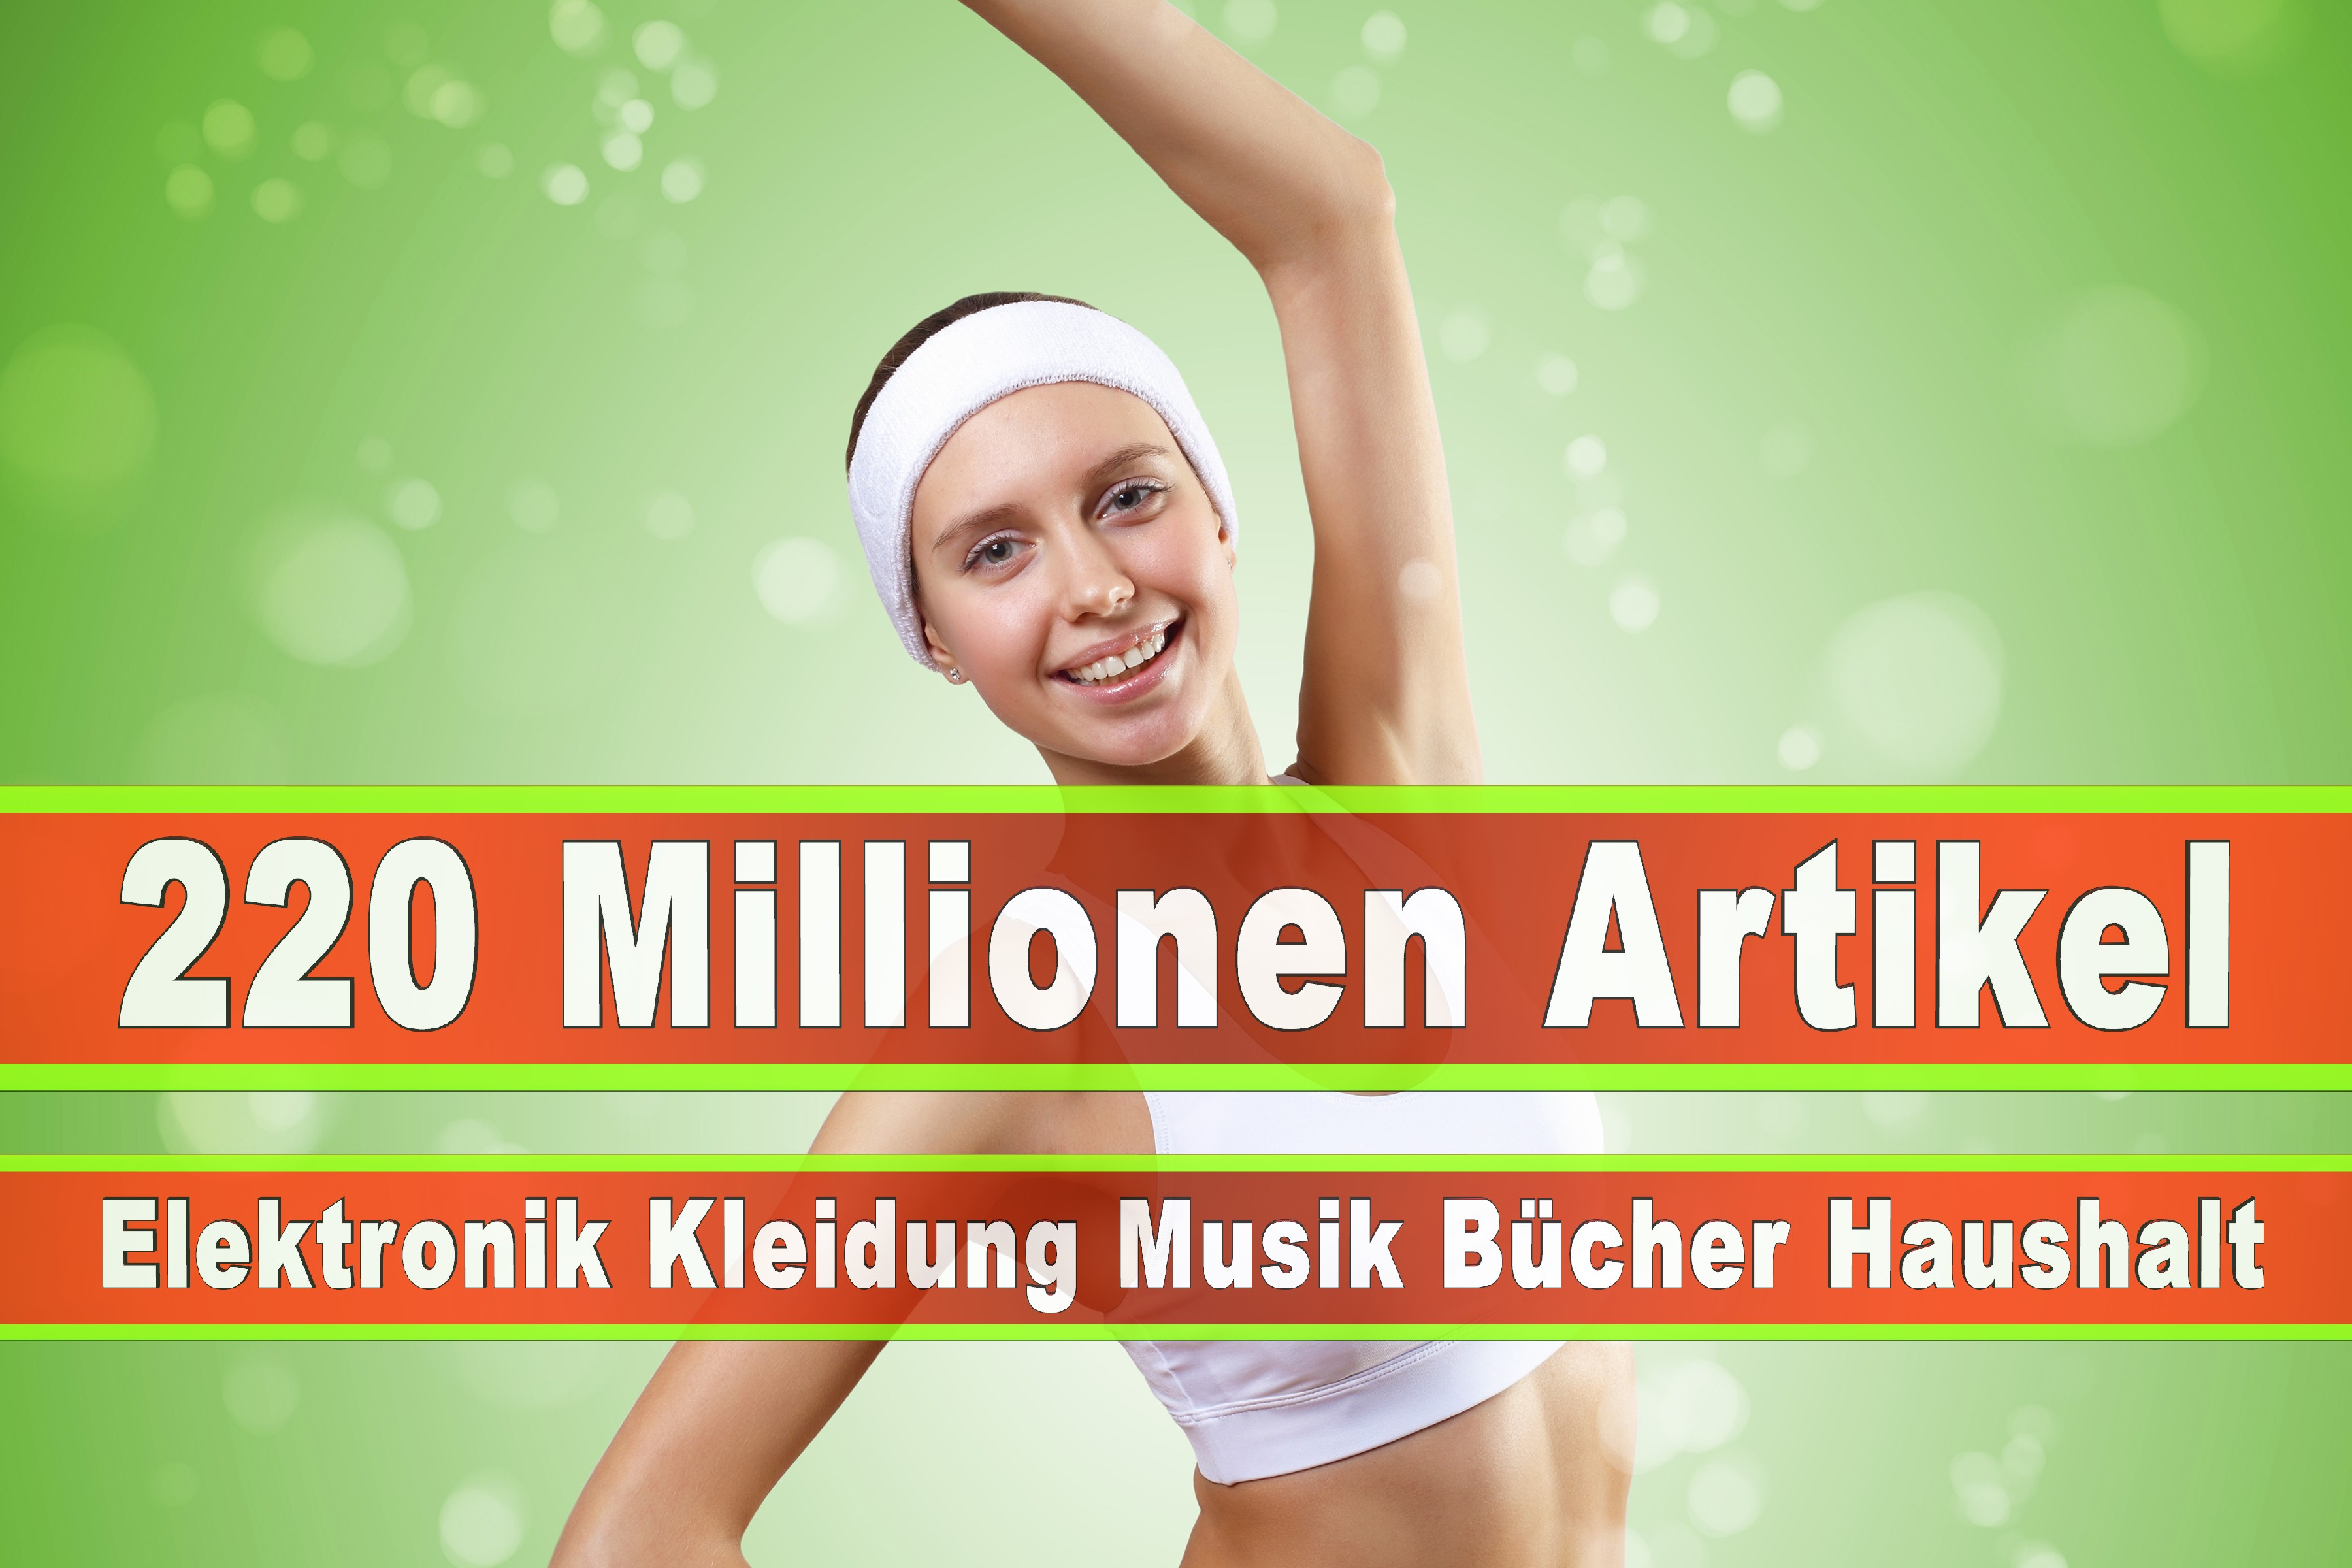 Amazon Elektronik Musik Haushalt Bücher CD DVD Handys Smartphones TV Television Fernseher Kleidung Mode Ebay Versandhaus (228)